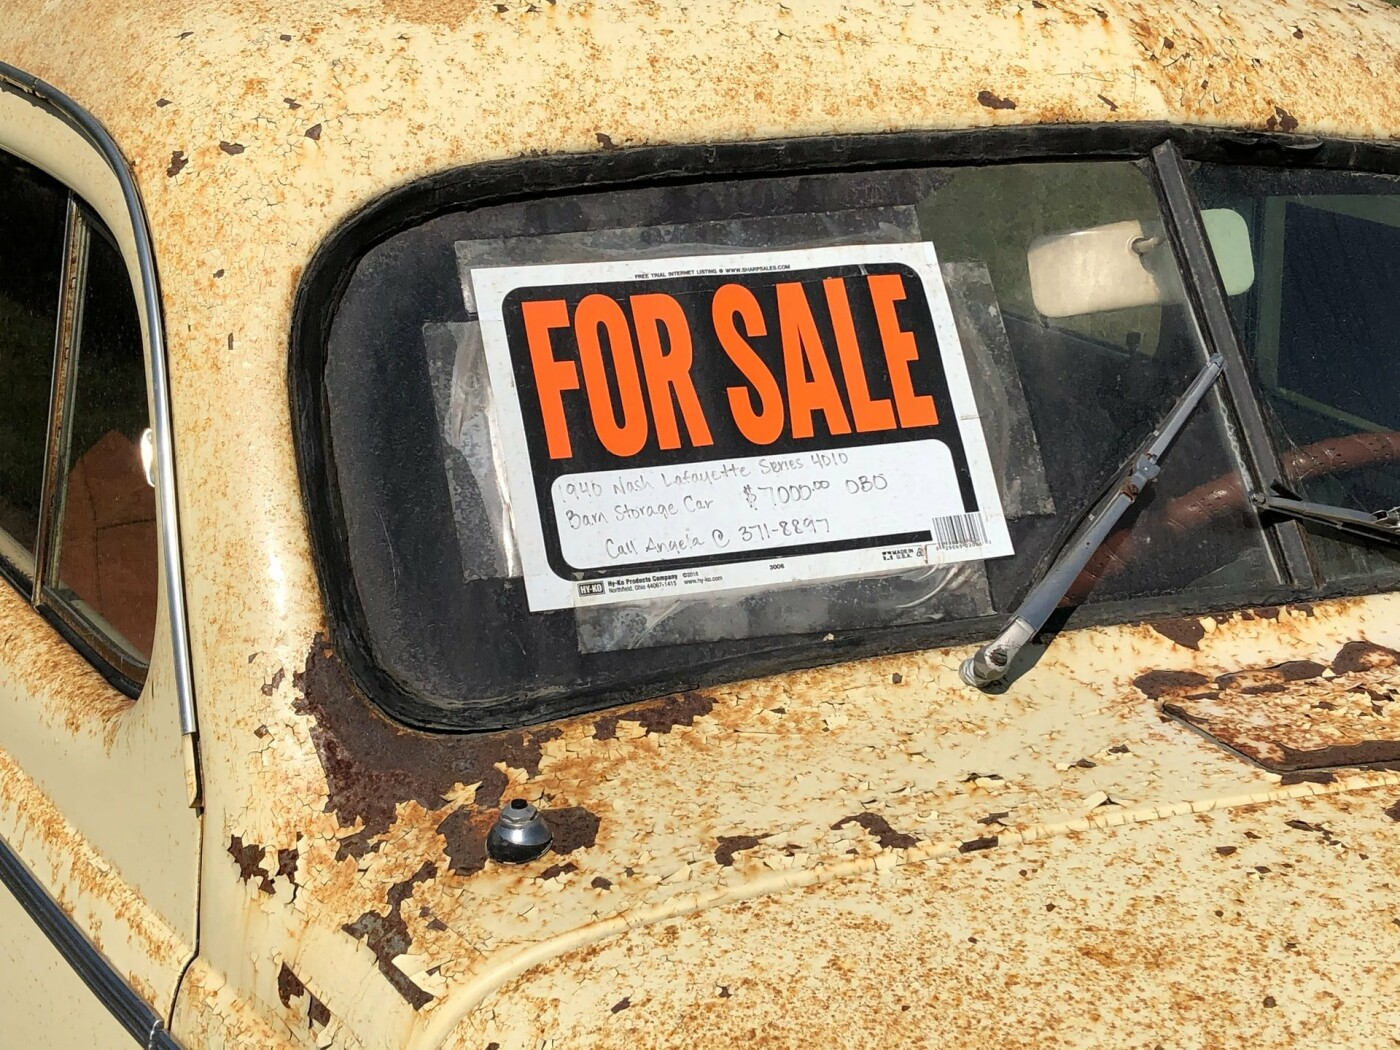 Купить авто б/у Киев: где найти и как выбрать машину в столице, Фото: Hilbert Hill